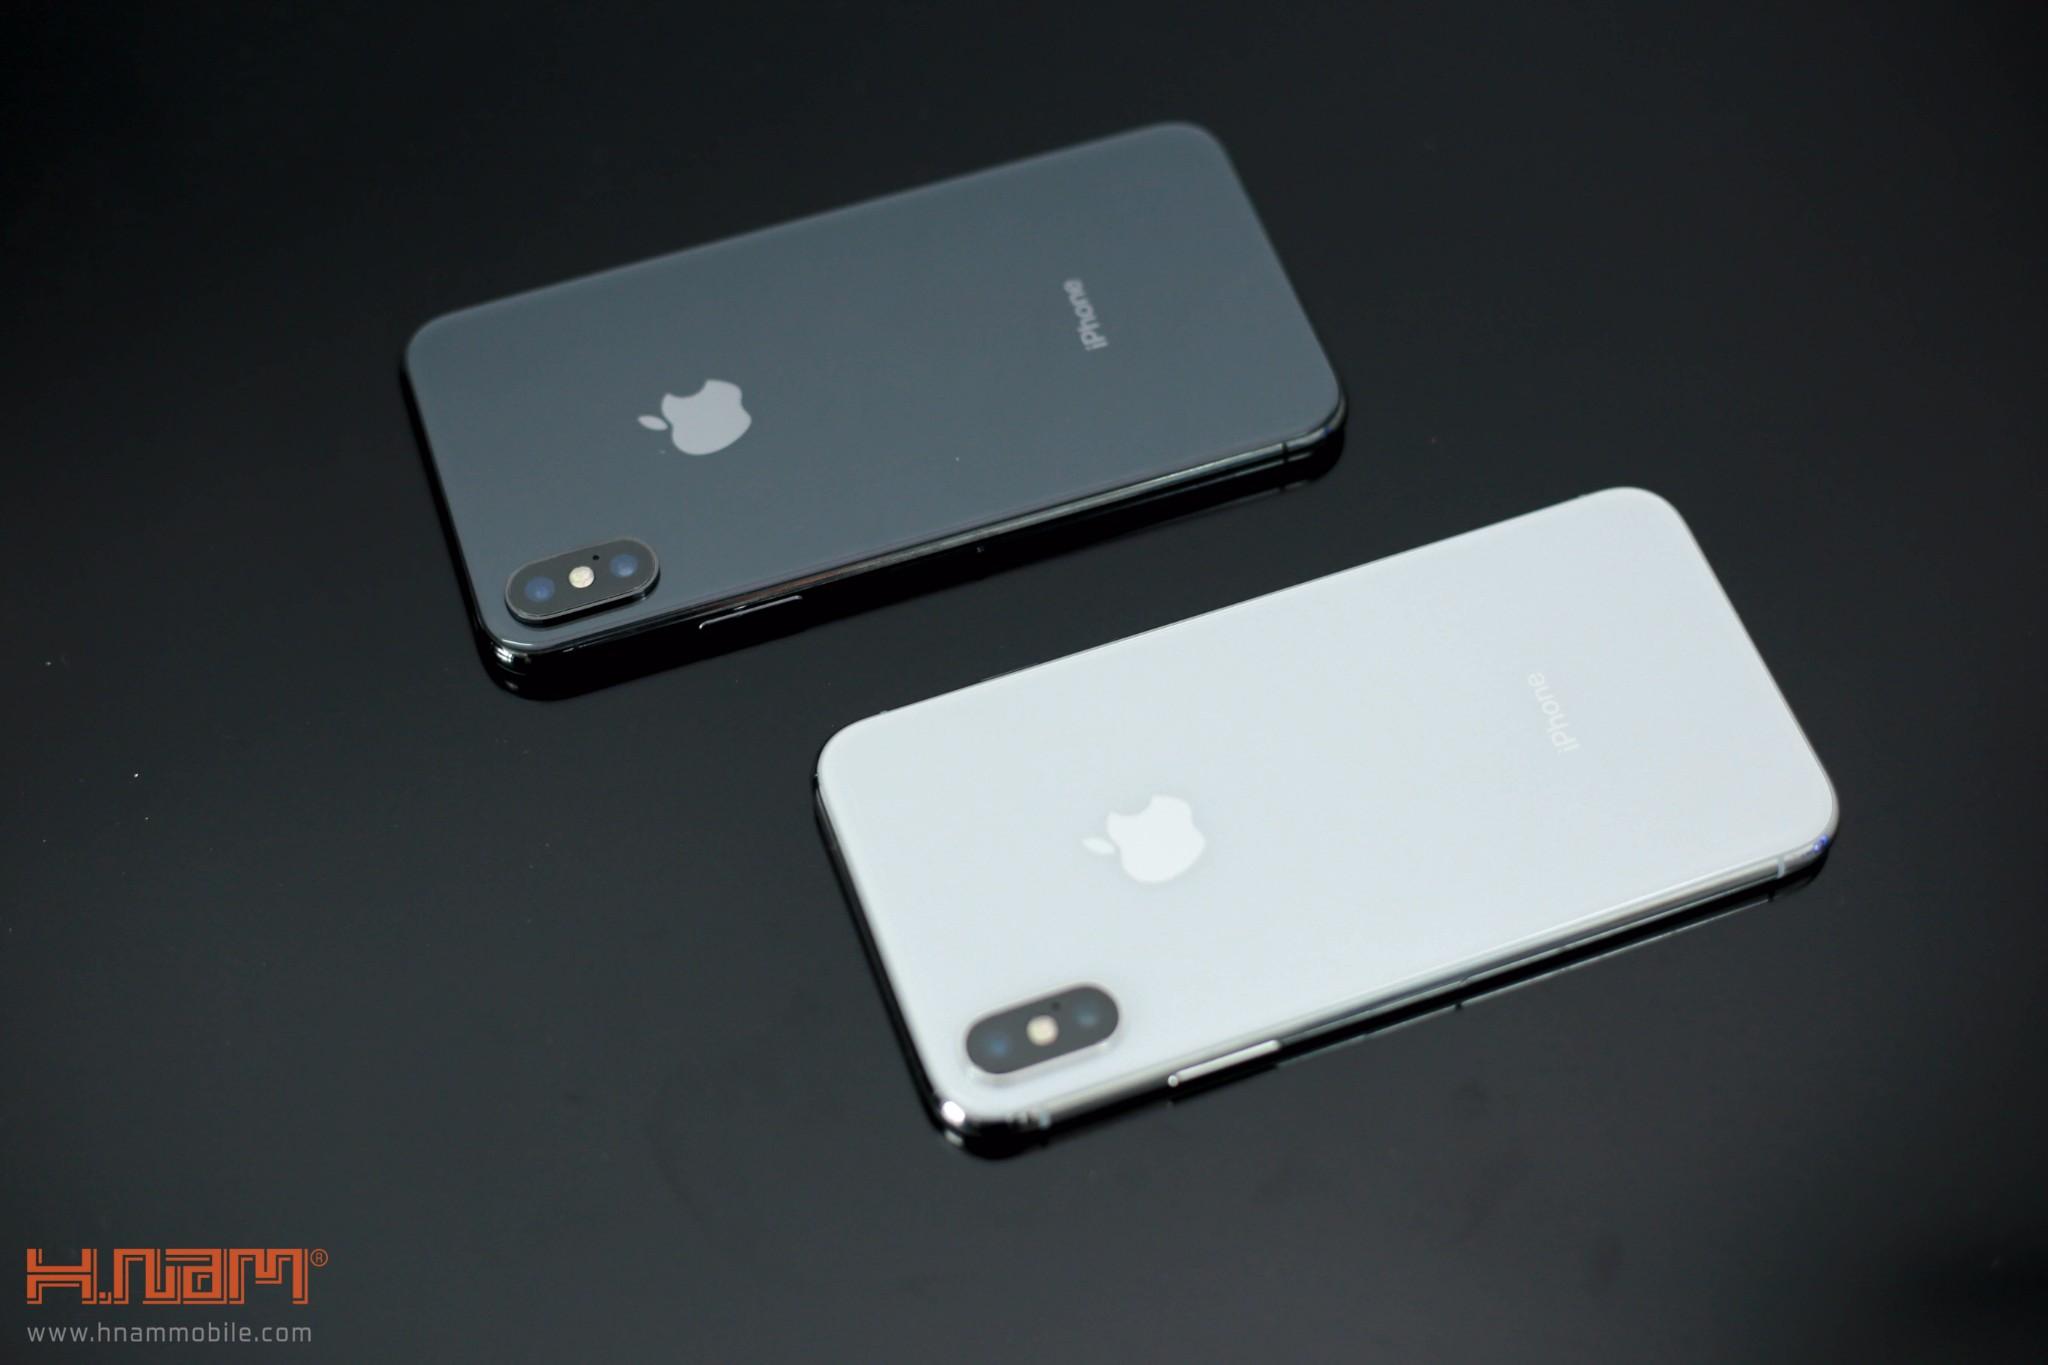 Giá iPhone X ở đâu rẻ nhất tại TPHCM? hình 1